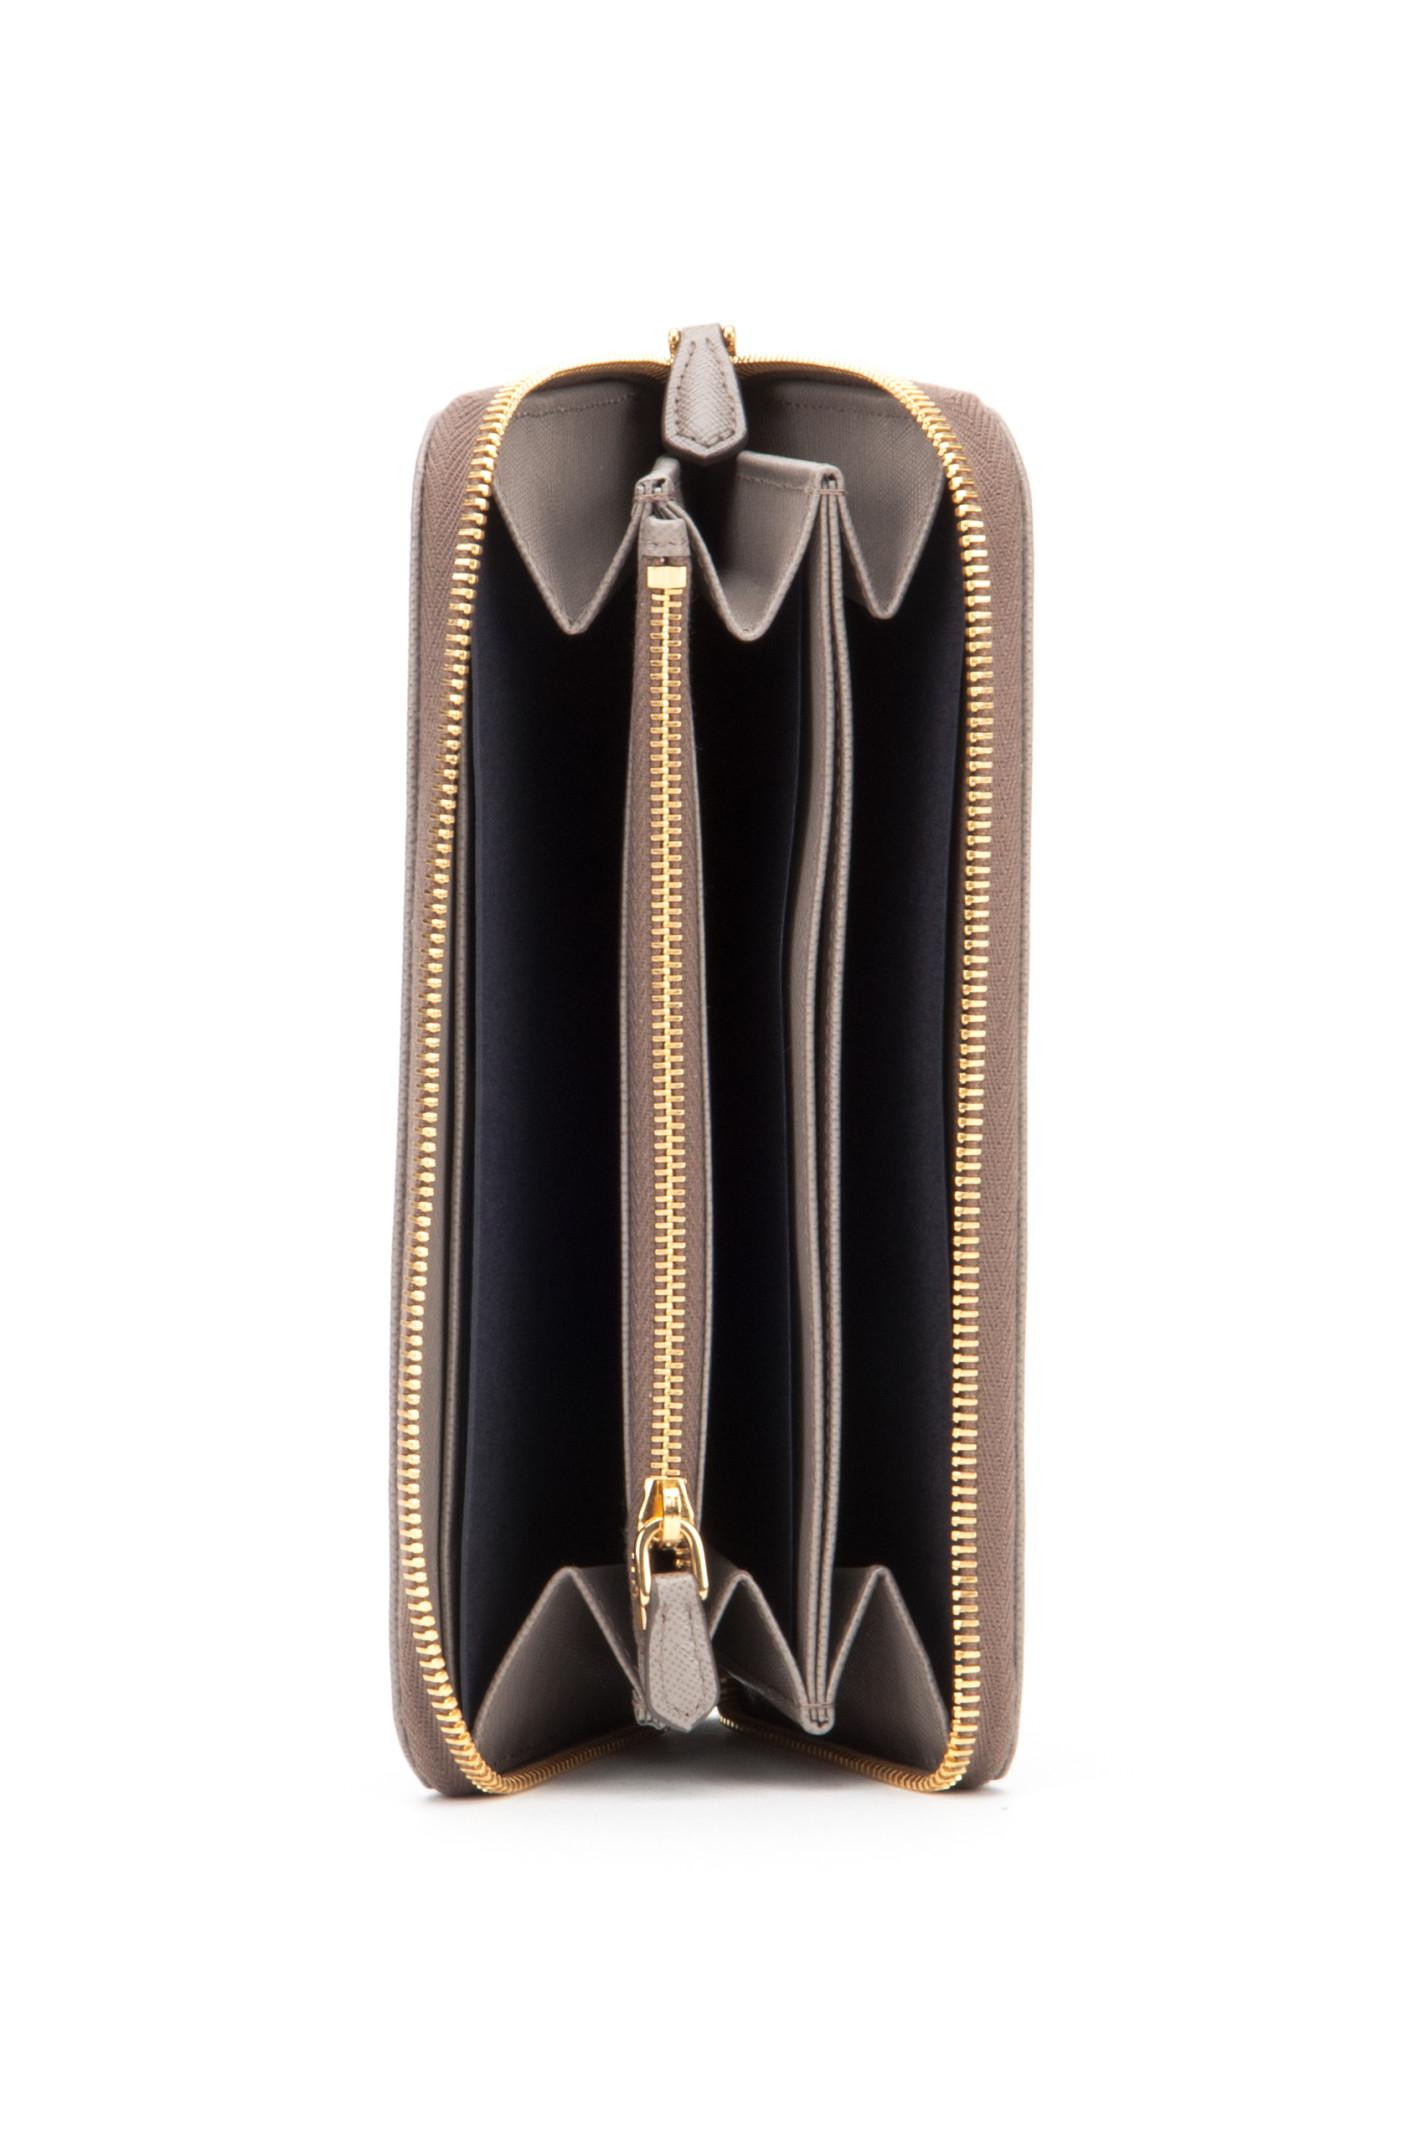 Prada Portafoglio Saffiano Metal Oro in Gray (ARGILLA) | Lyst